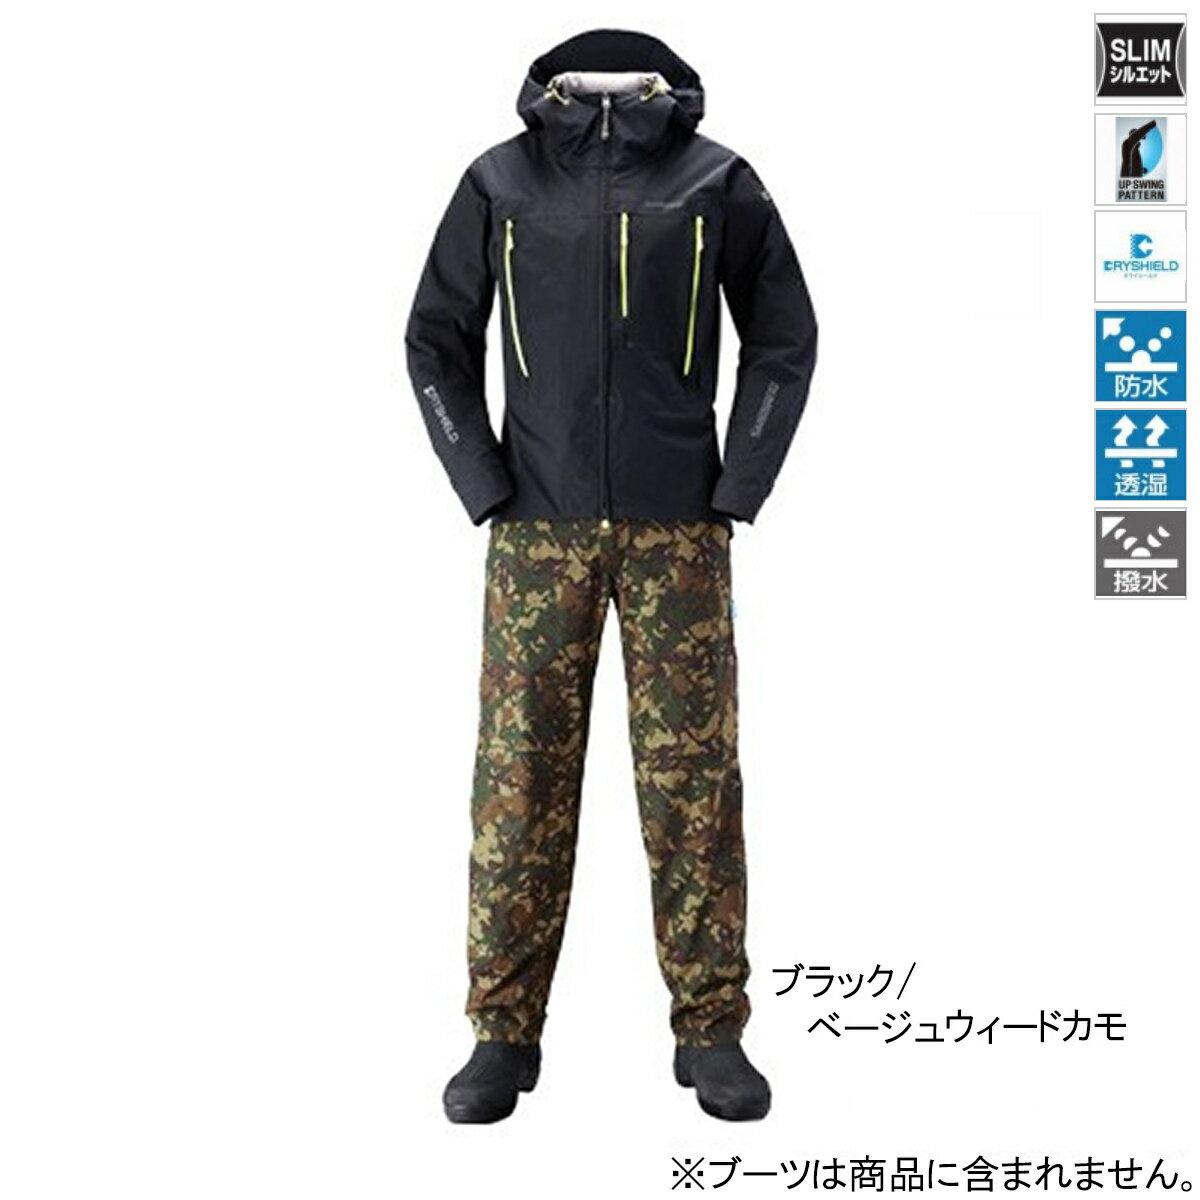 シマノ DSエクスプローラースーツ RA-024S L ブラック/ベージュウィードカモ【送料無料】